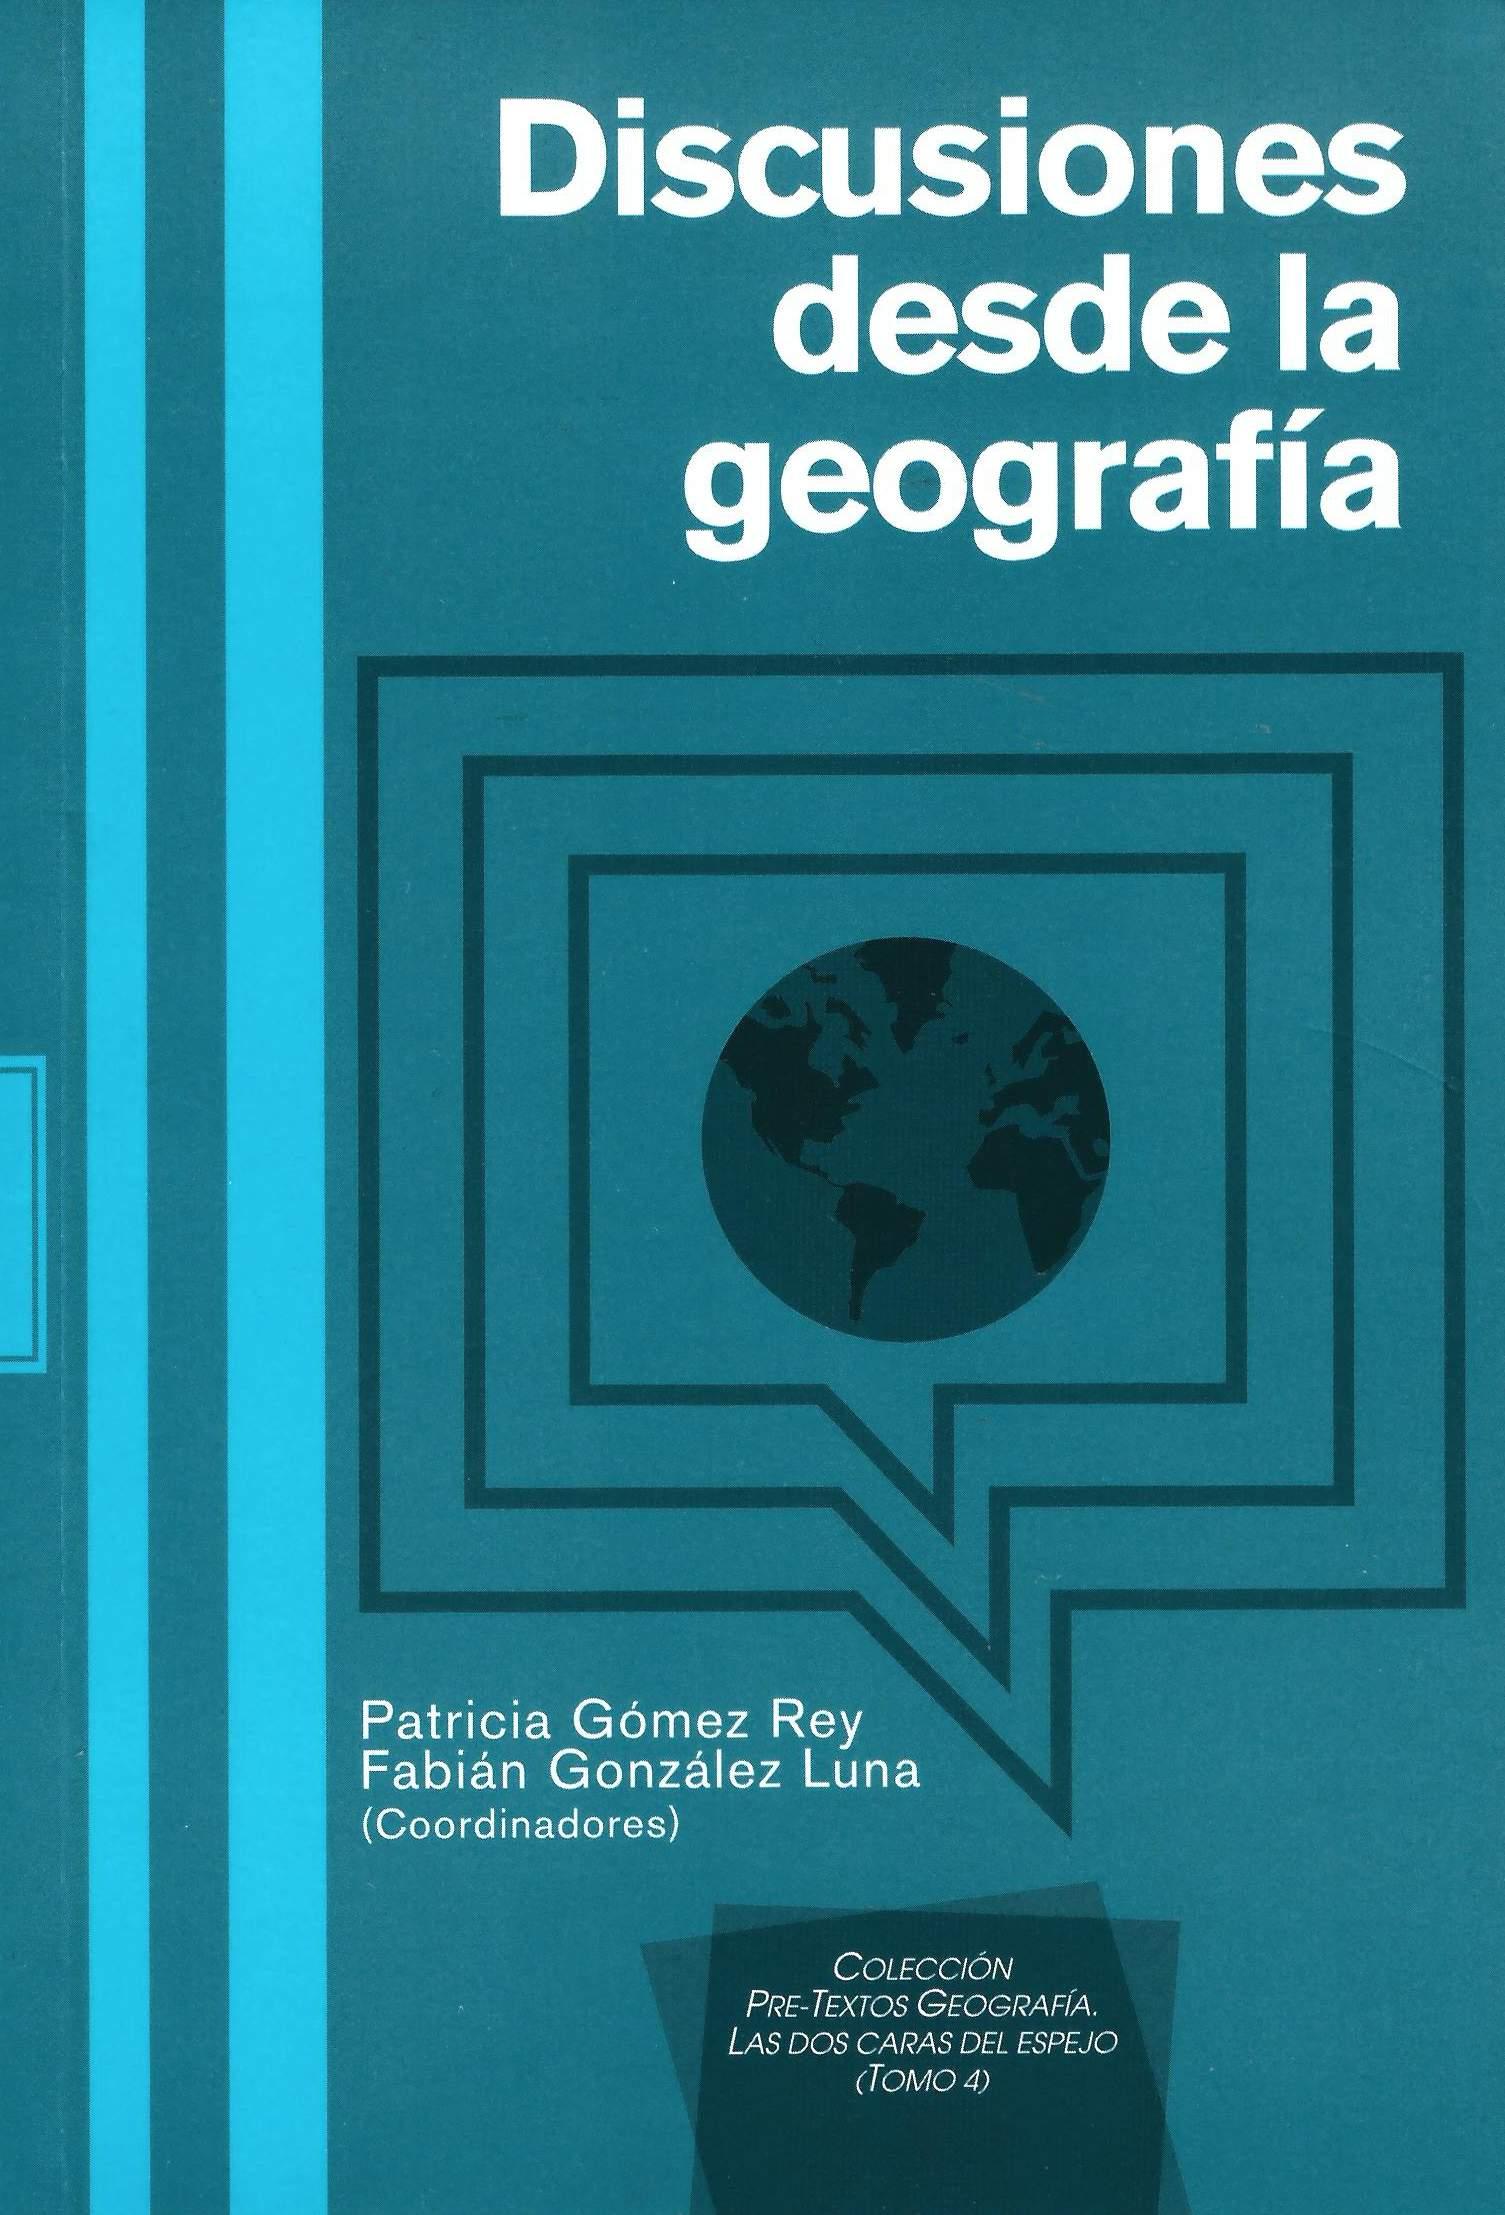 Discusiones desde la geografía